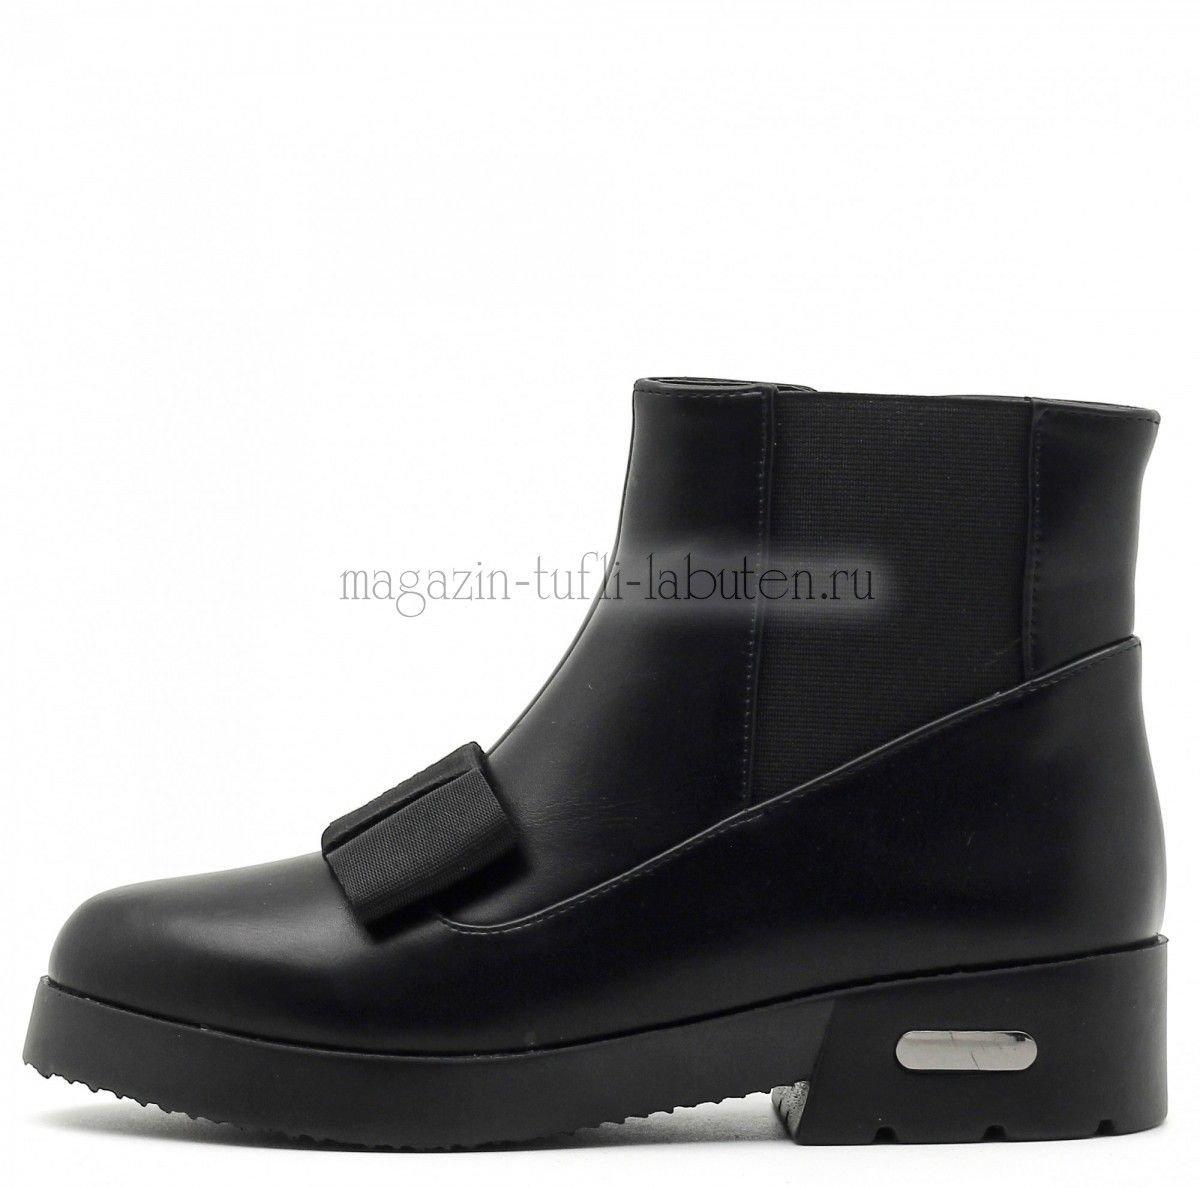 6e61f0c0f283 Ботинки Hermes женские. «Ботинки женские в Оленегорске. Ботинки женские» Сайт  производителя.